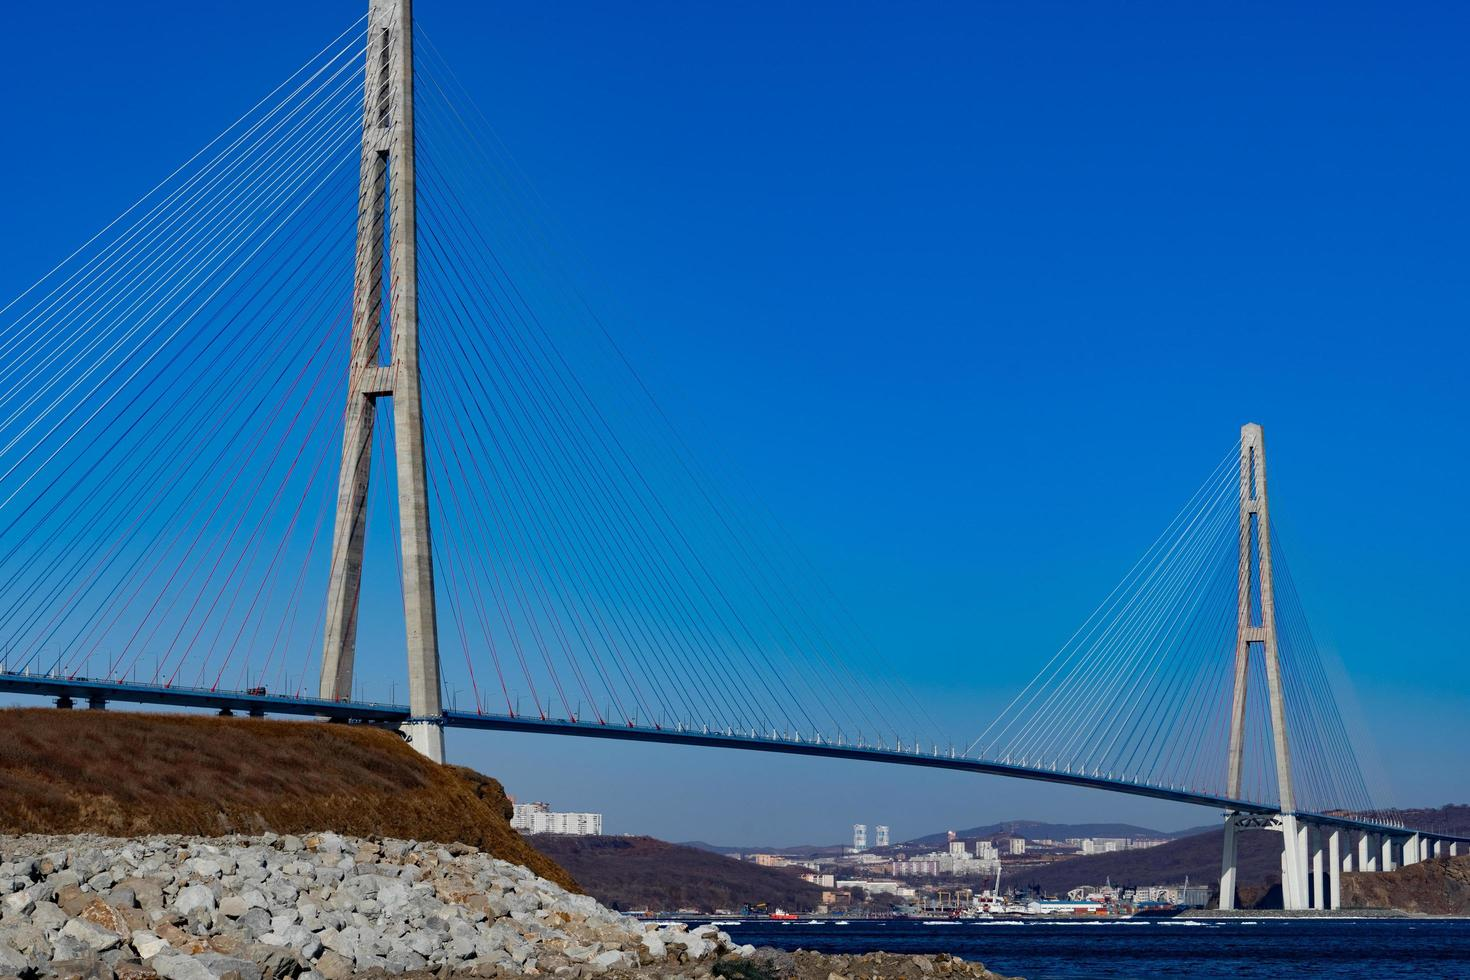 Pont zolotoy avec ciel bleu clair à Vladivostok, Russie photo